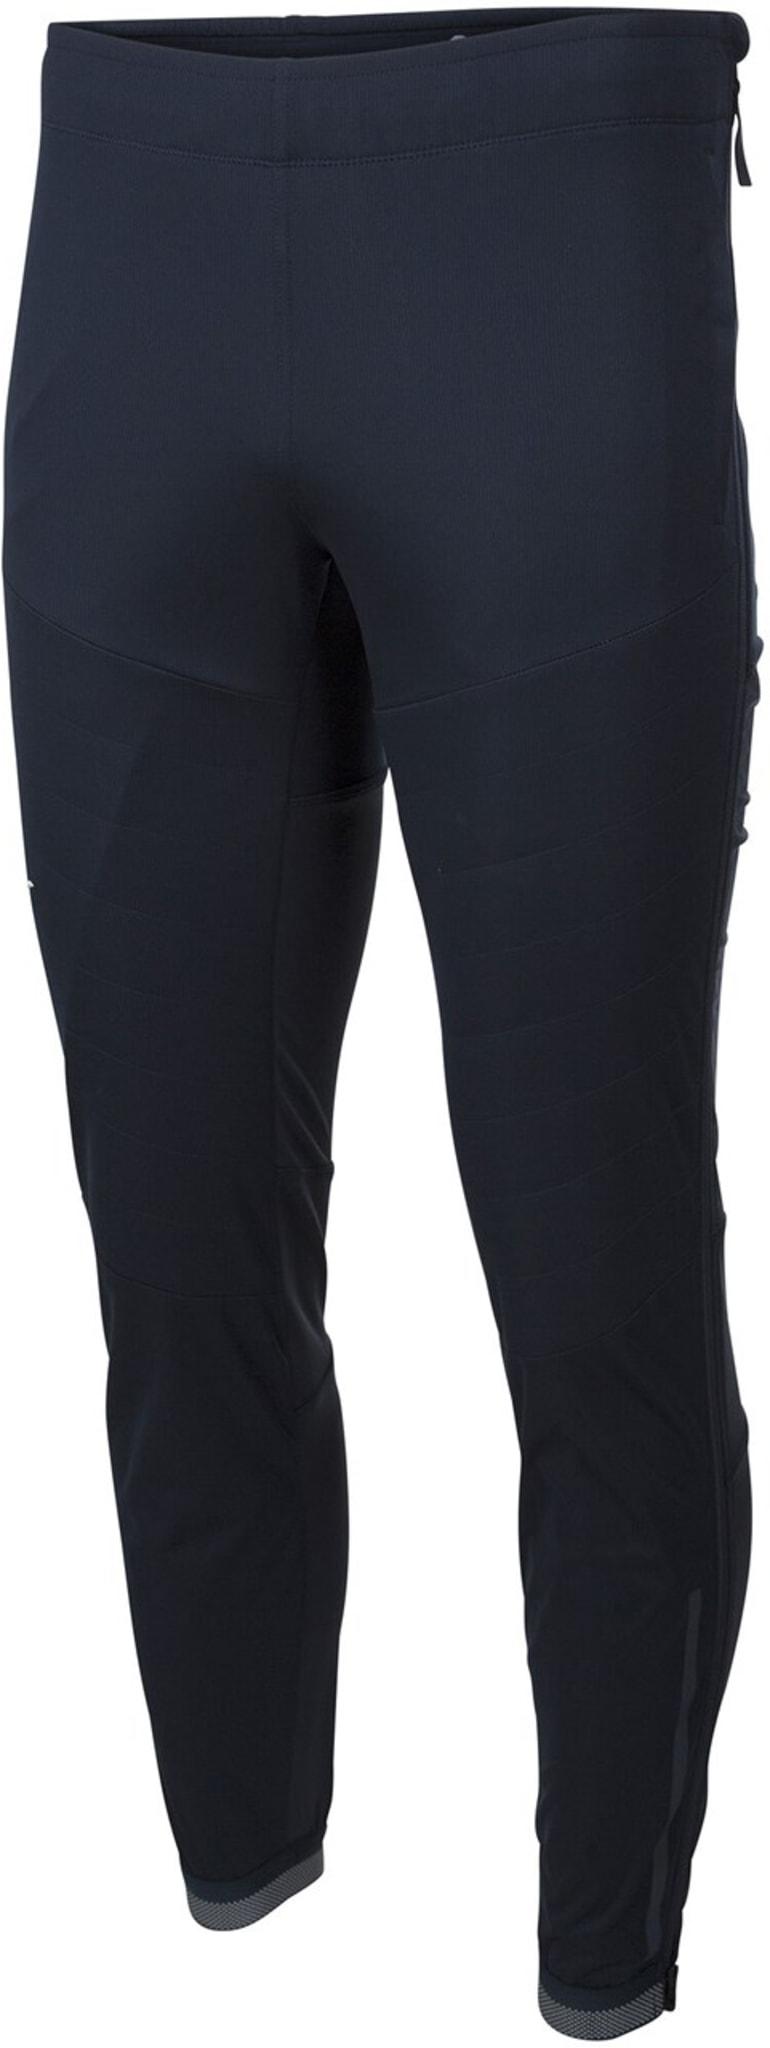 Blizzard XC pants M